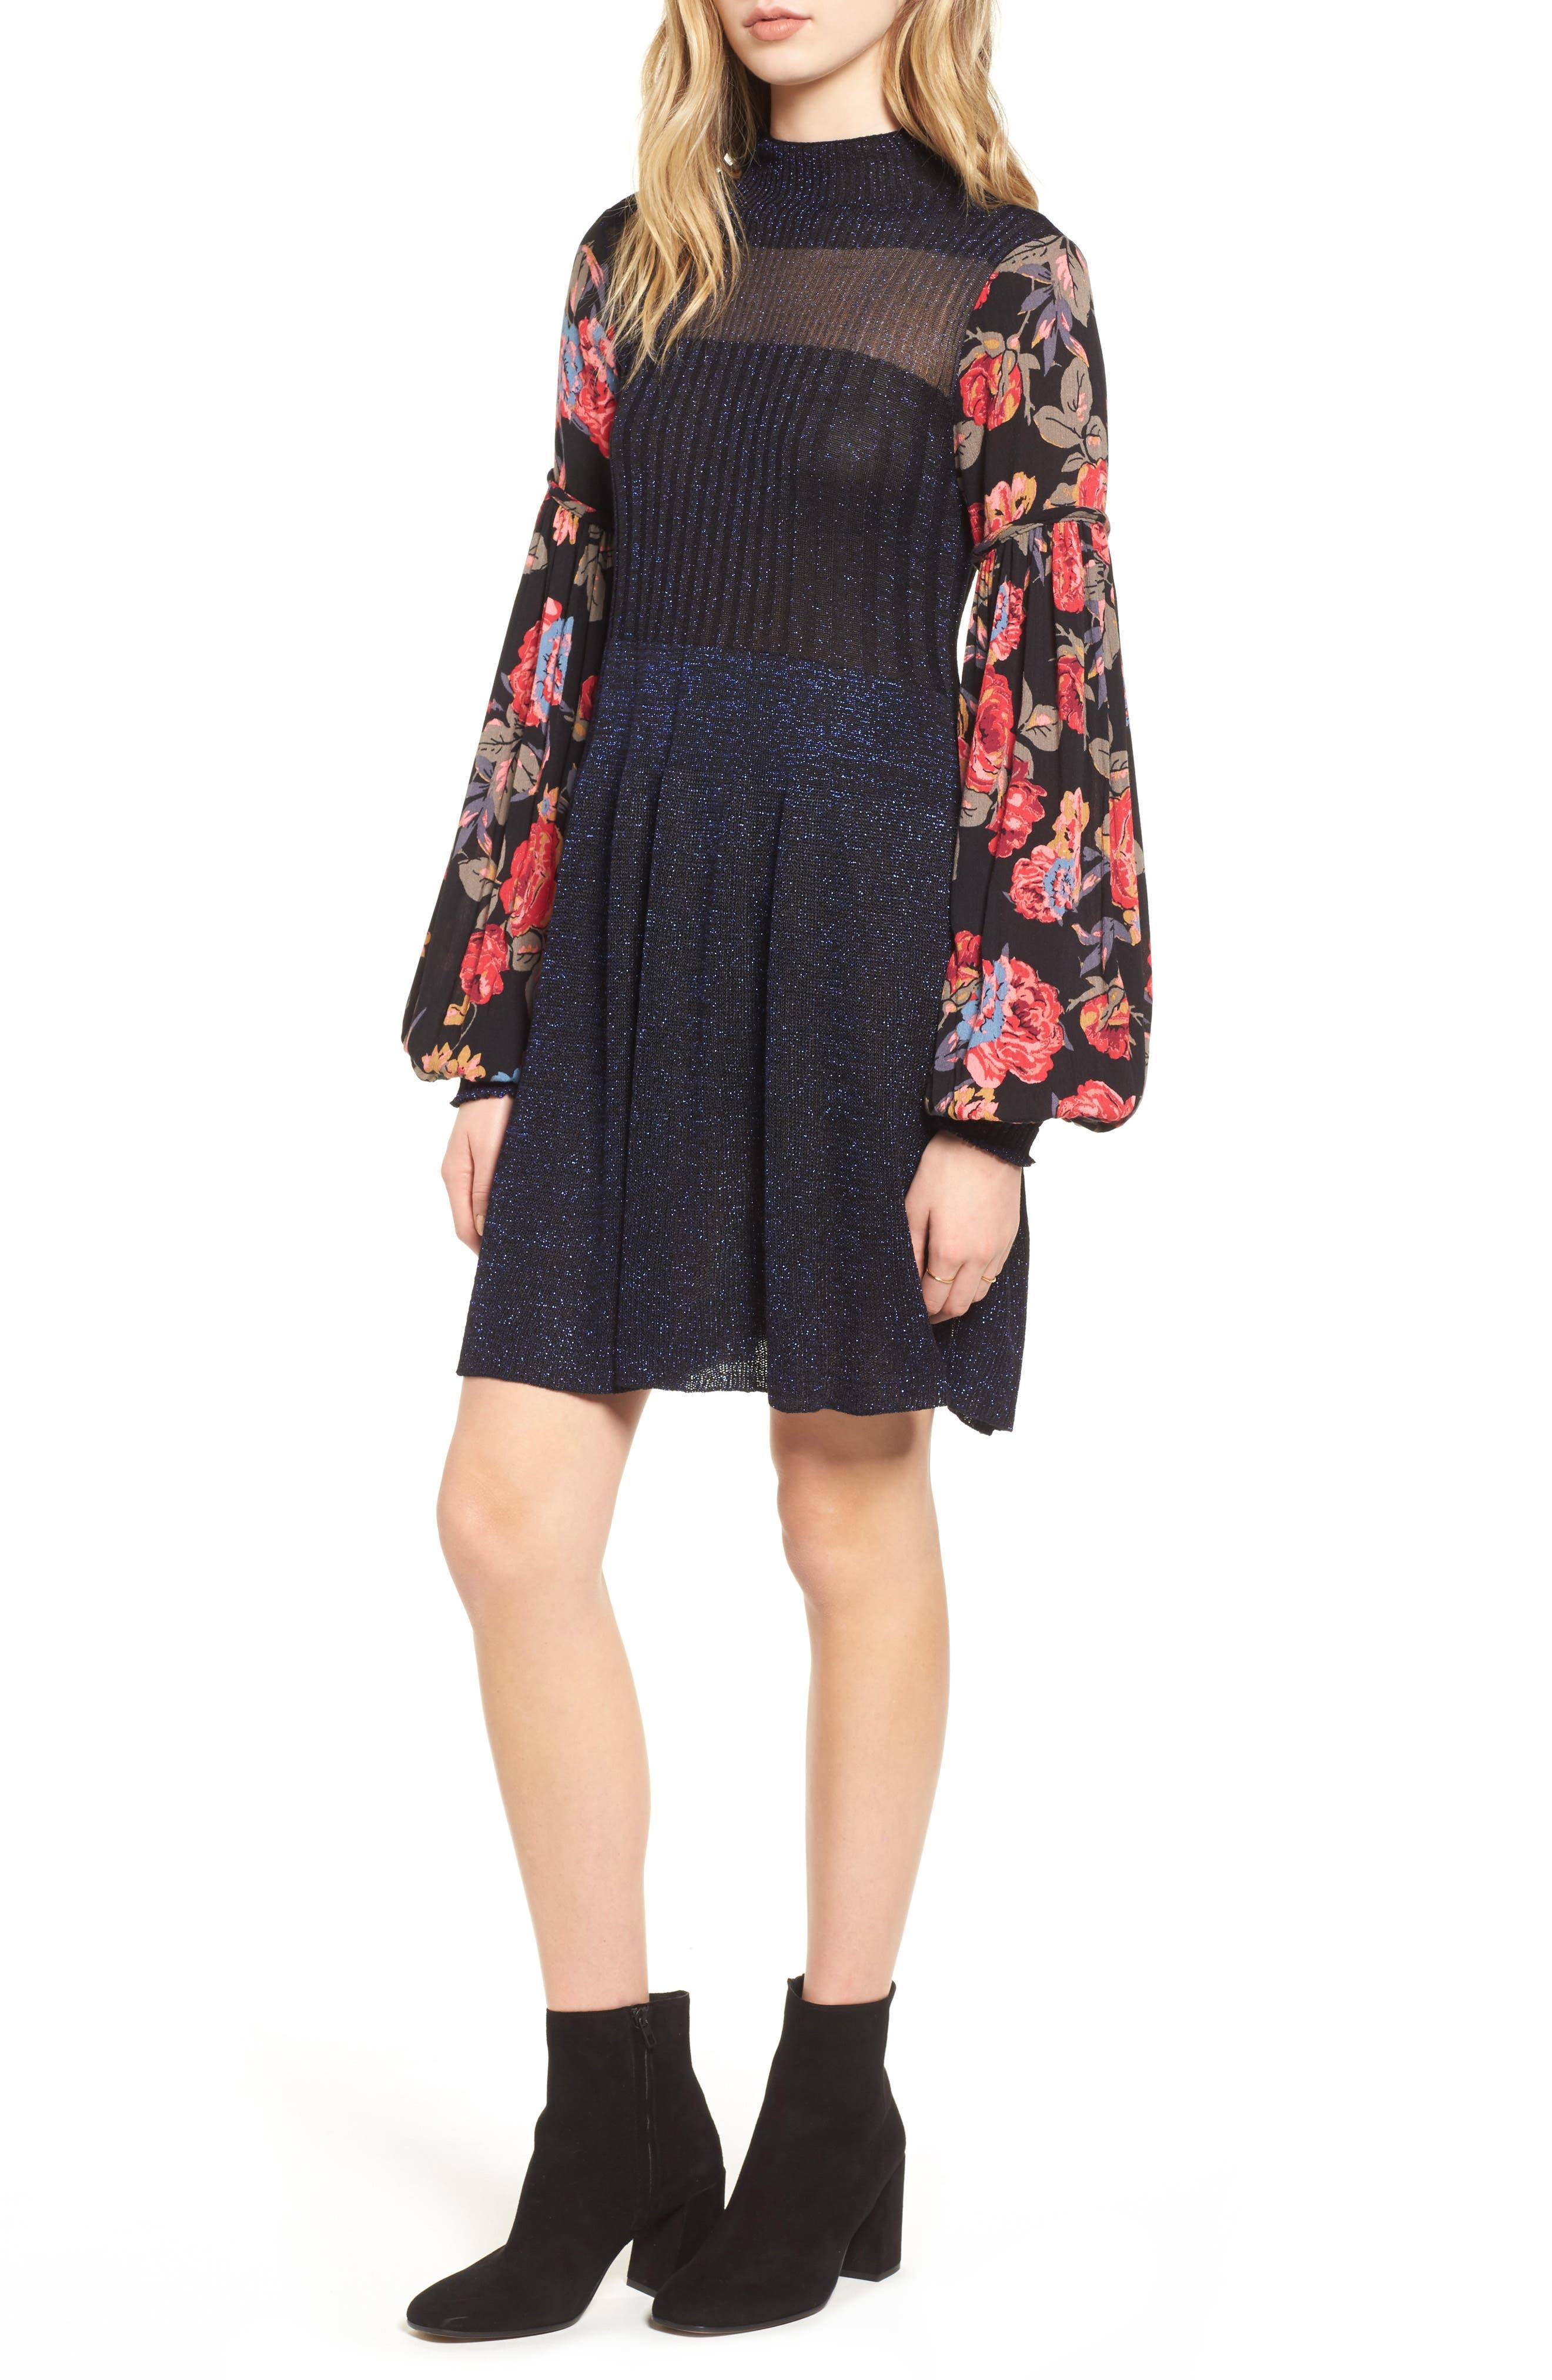 Rose & Shine Sweater Dress,                             Main thumbnail 1, color,                             Black Combo